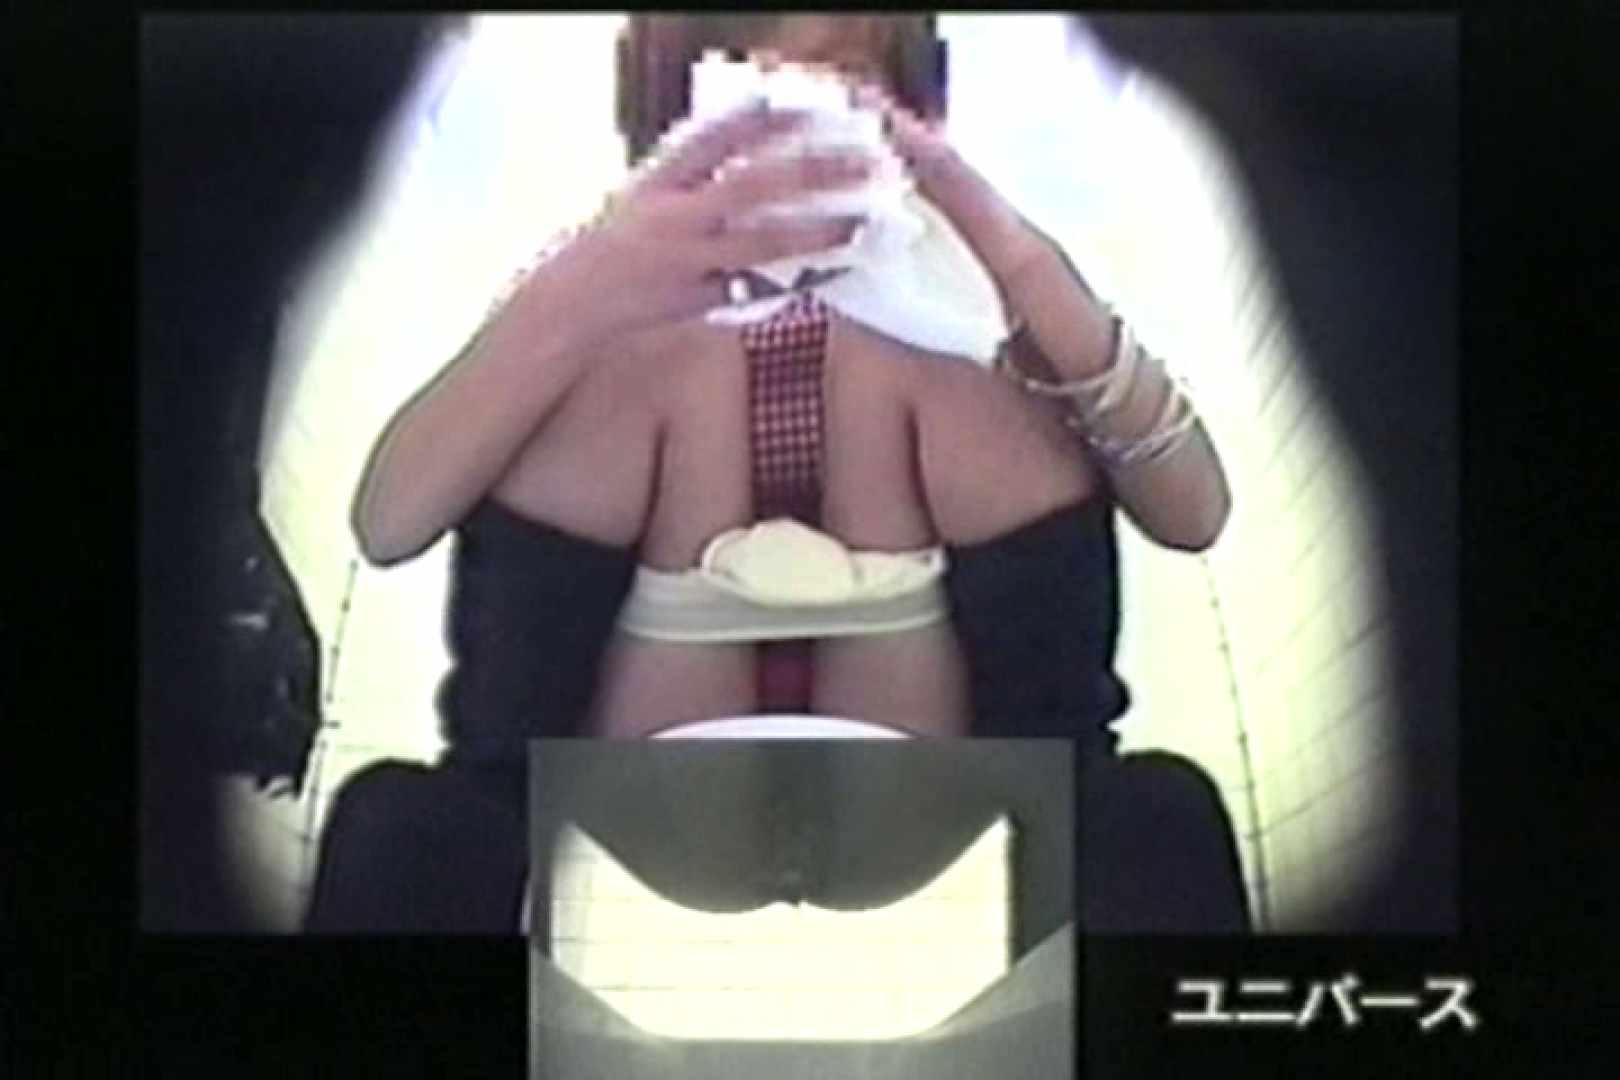 下半身シースルー洗面所Vol.2 美女ヌード天国 盗み撮り動画キャプチャ 69PIX 15